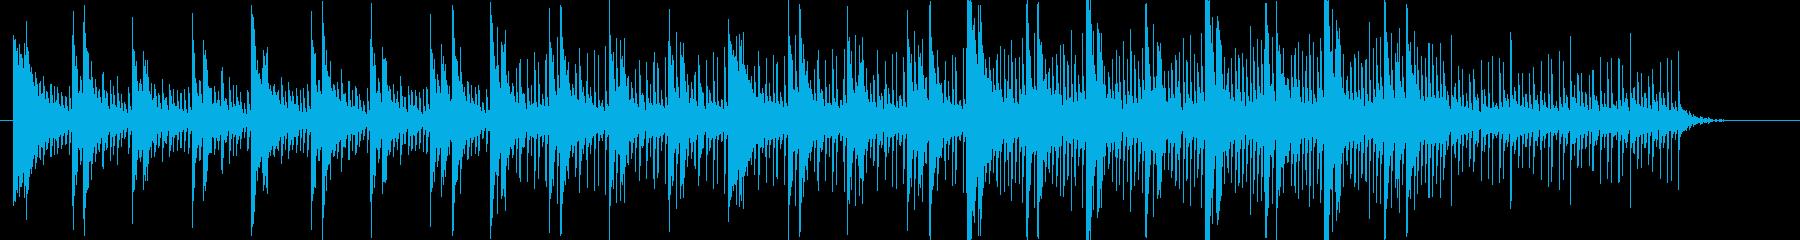 デジタル•アンビエント系の楽曲です。の再生済みの波形